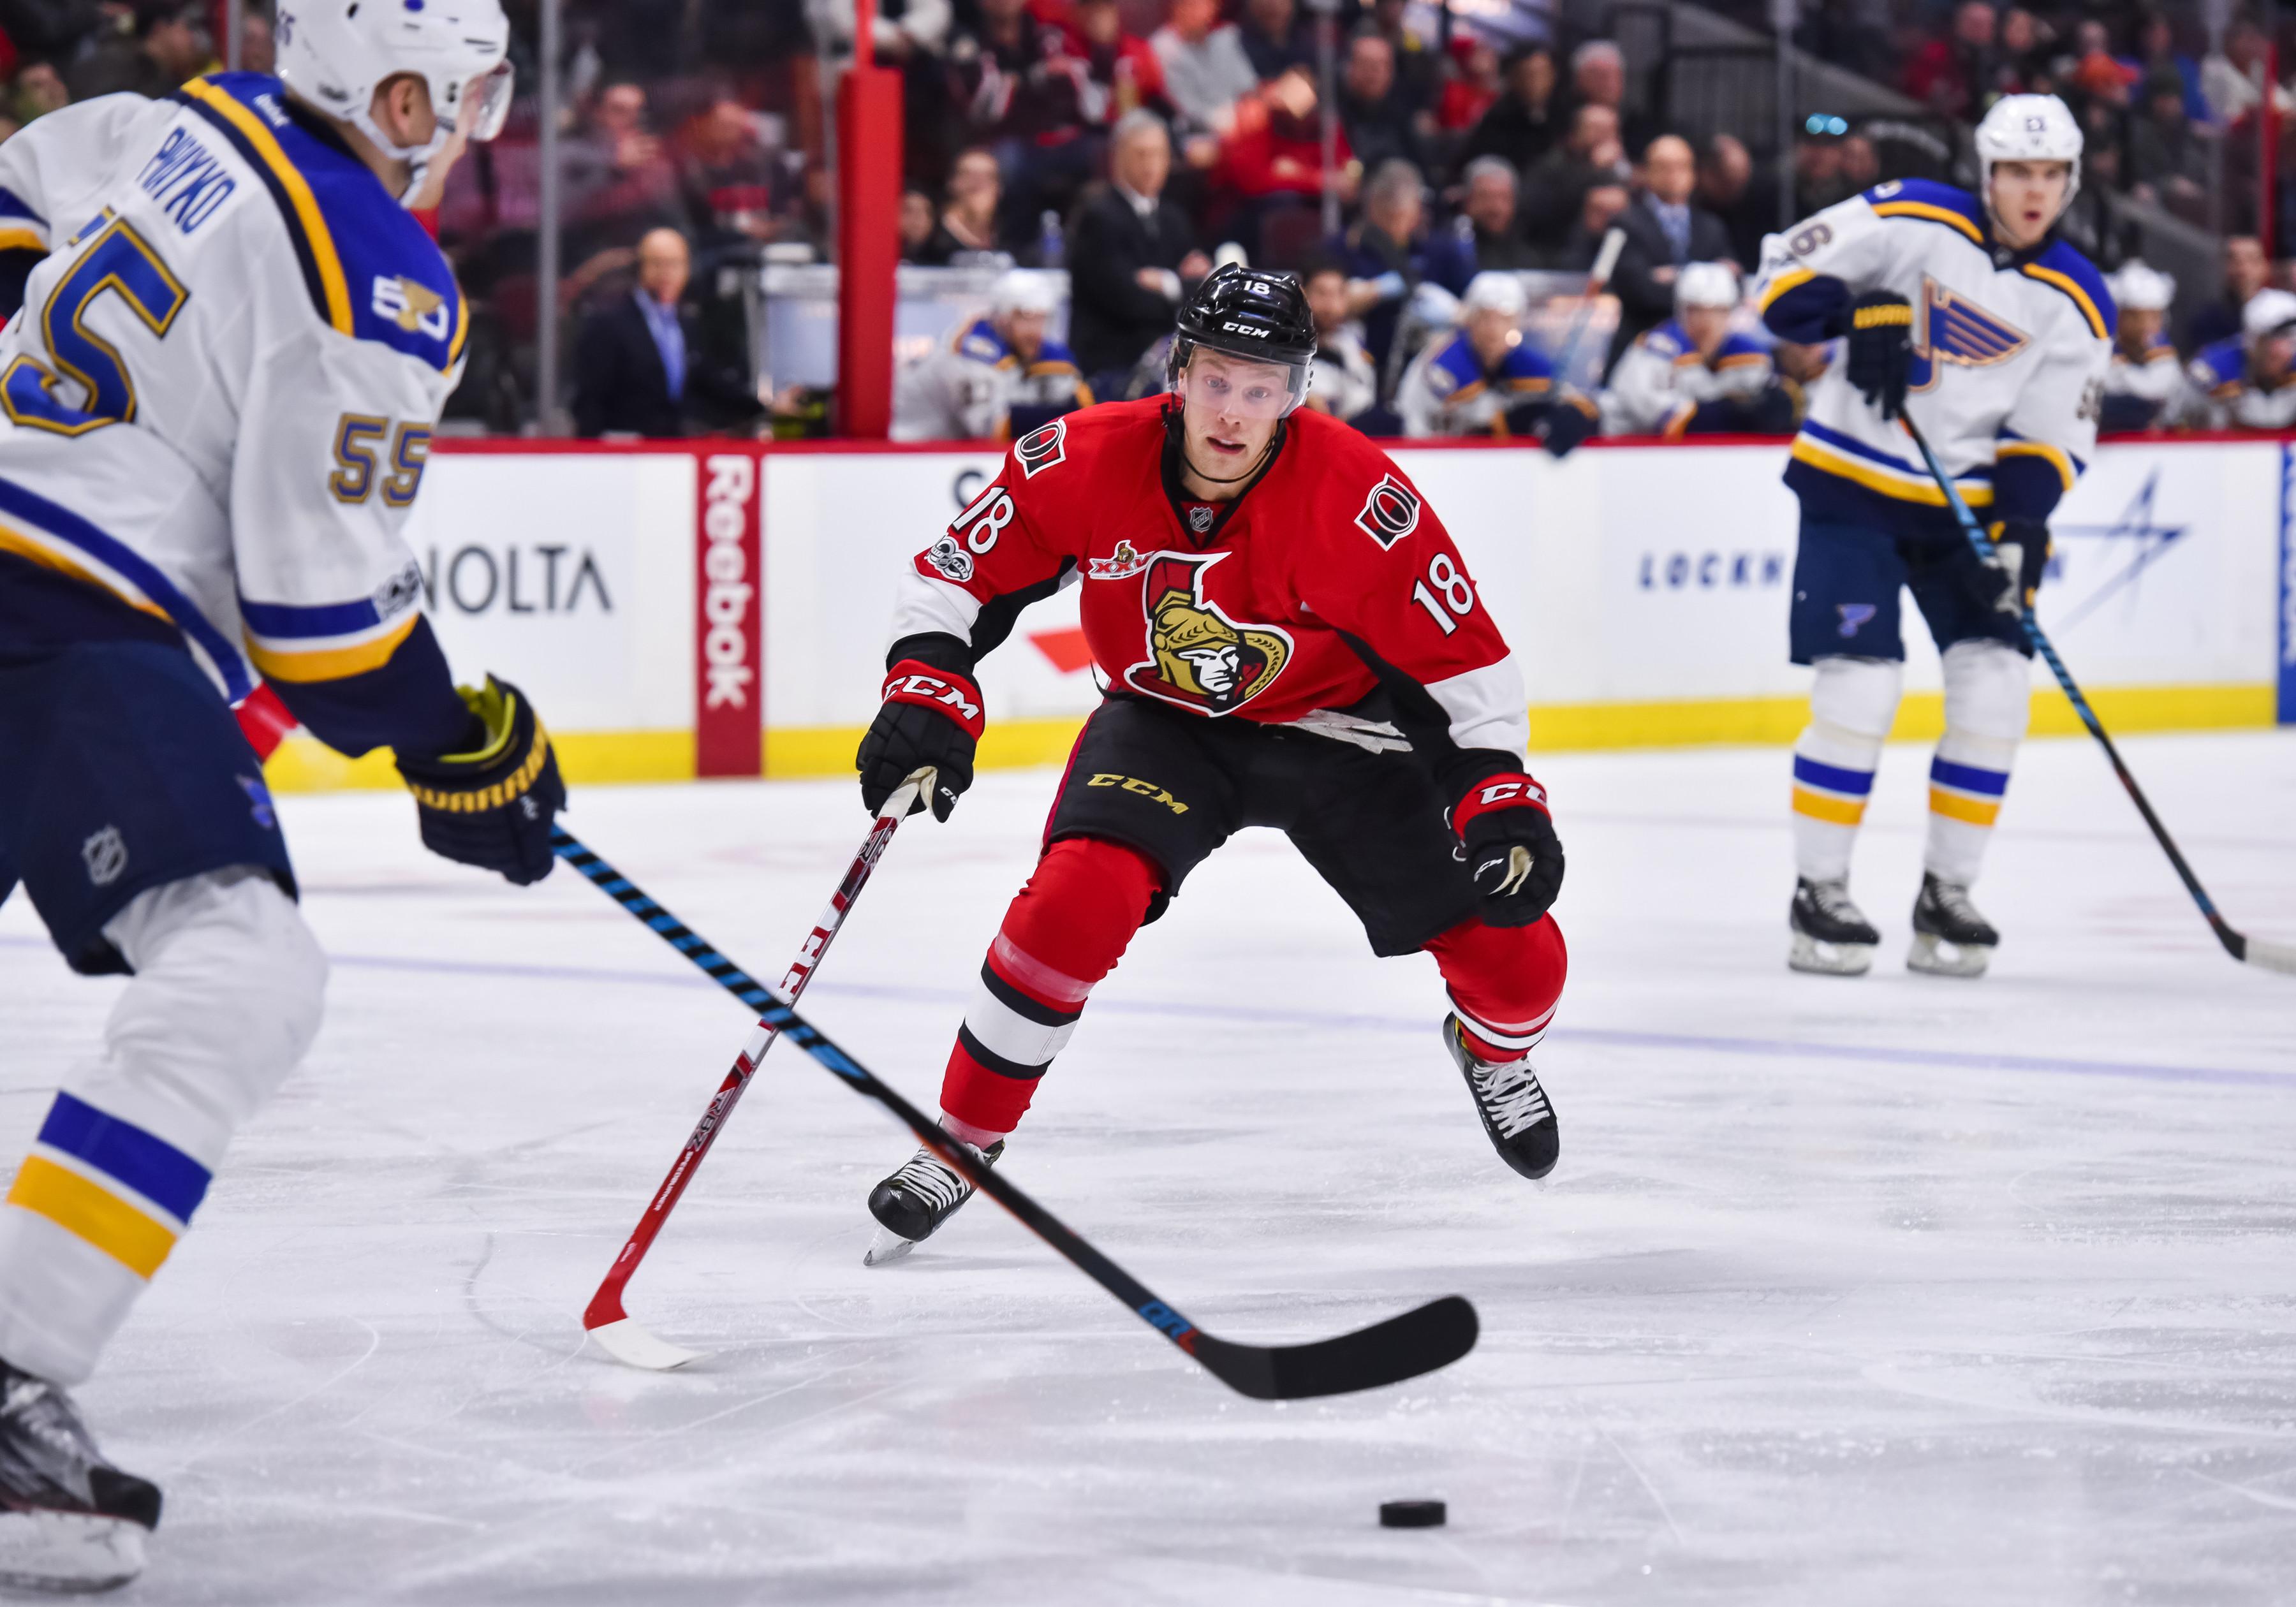 NHL: FEB 07 Blues at Senators